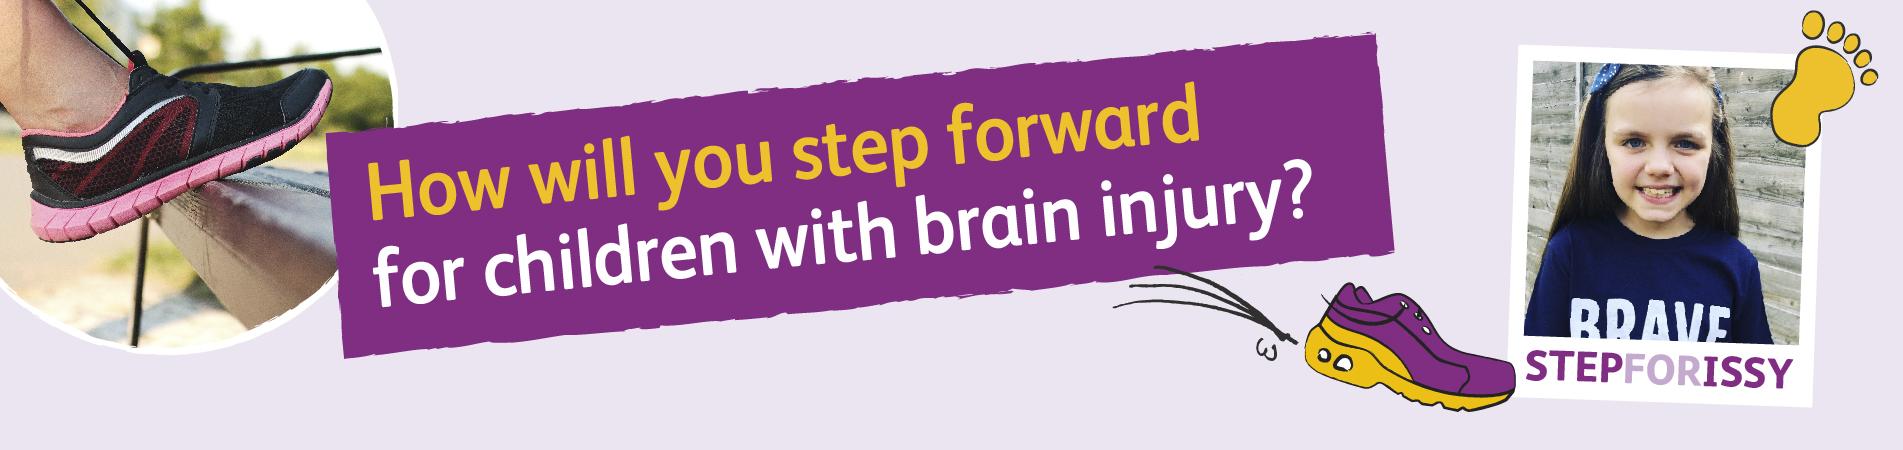 Children's Trust header banner - Will you step forward for children with brain injury?